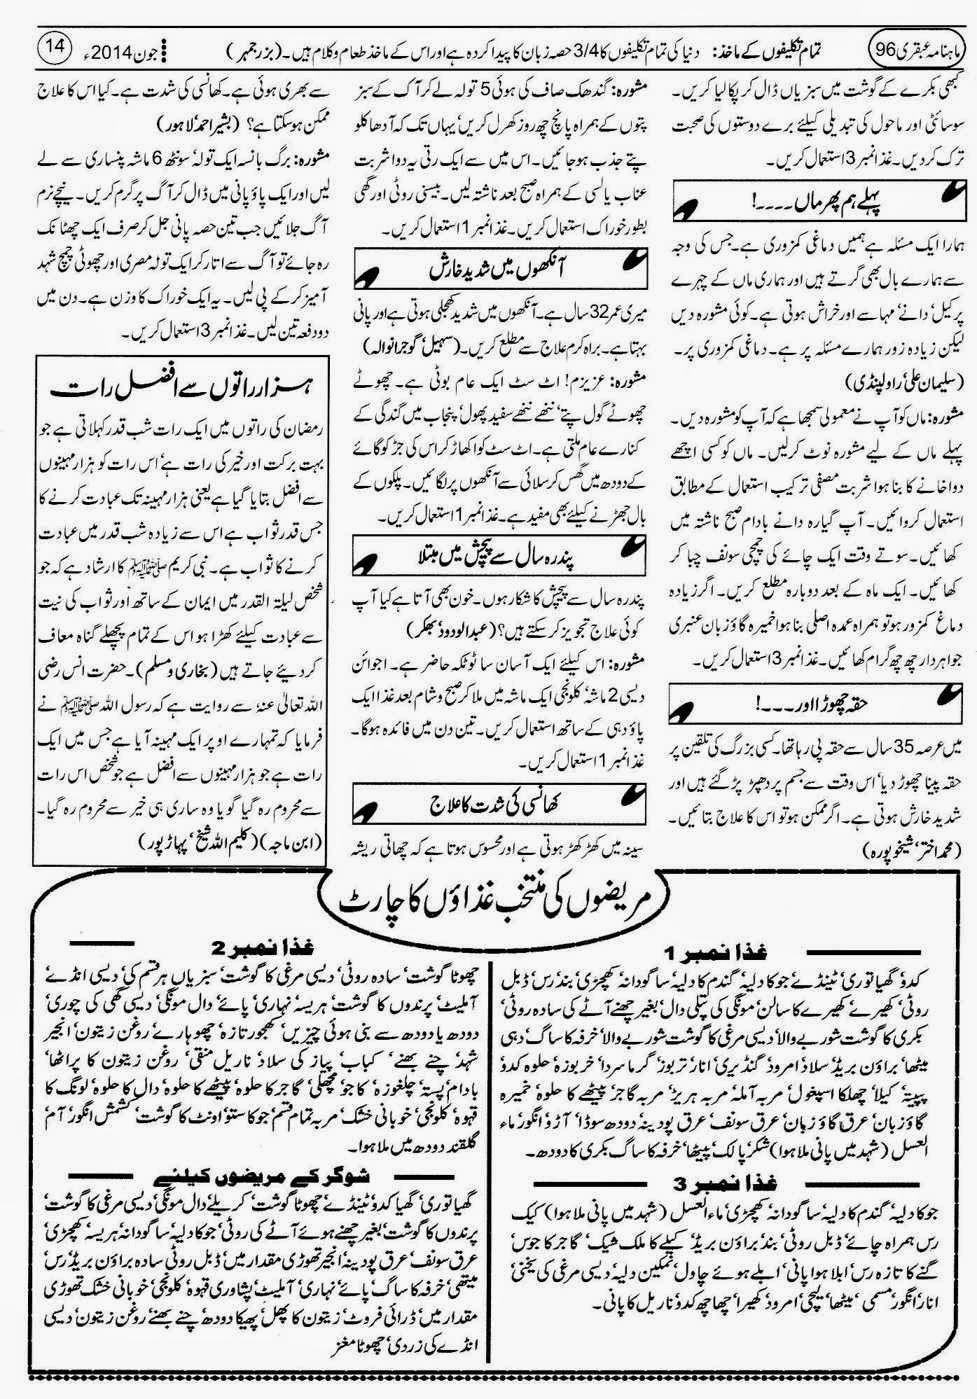 ubqari june 2014 page 14